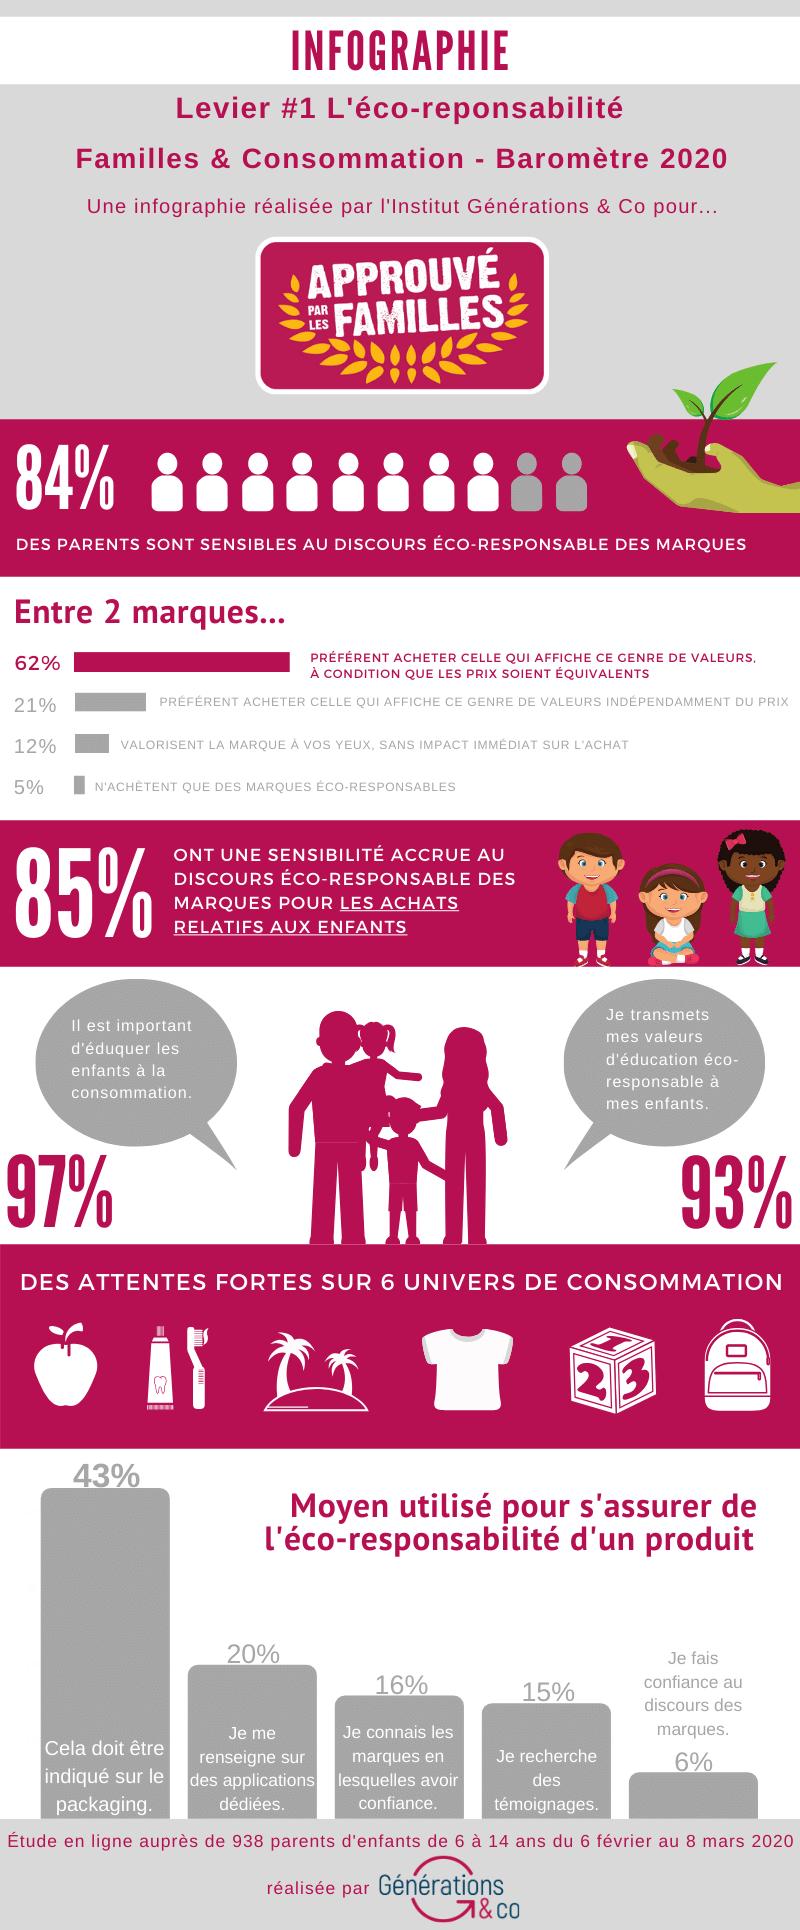 Infograhique cirtère ecoresponsable consommation familles APLF